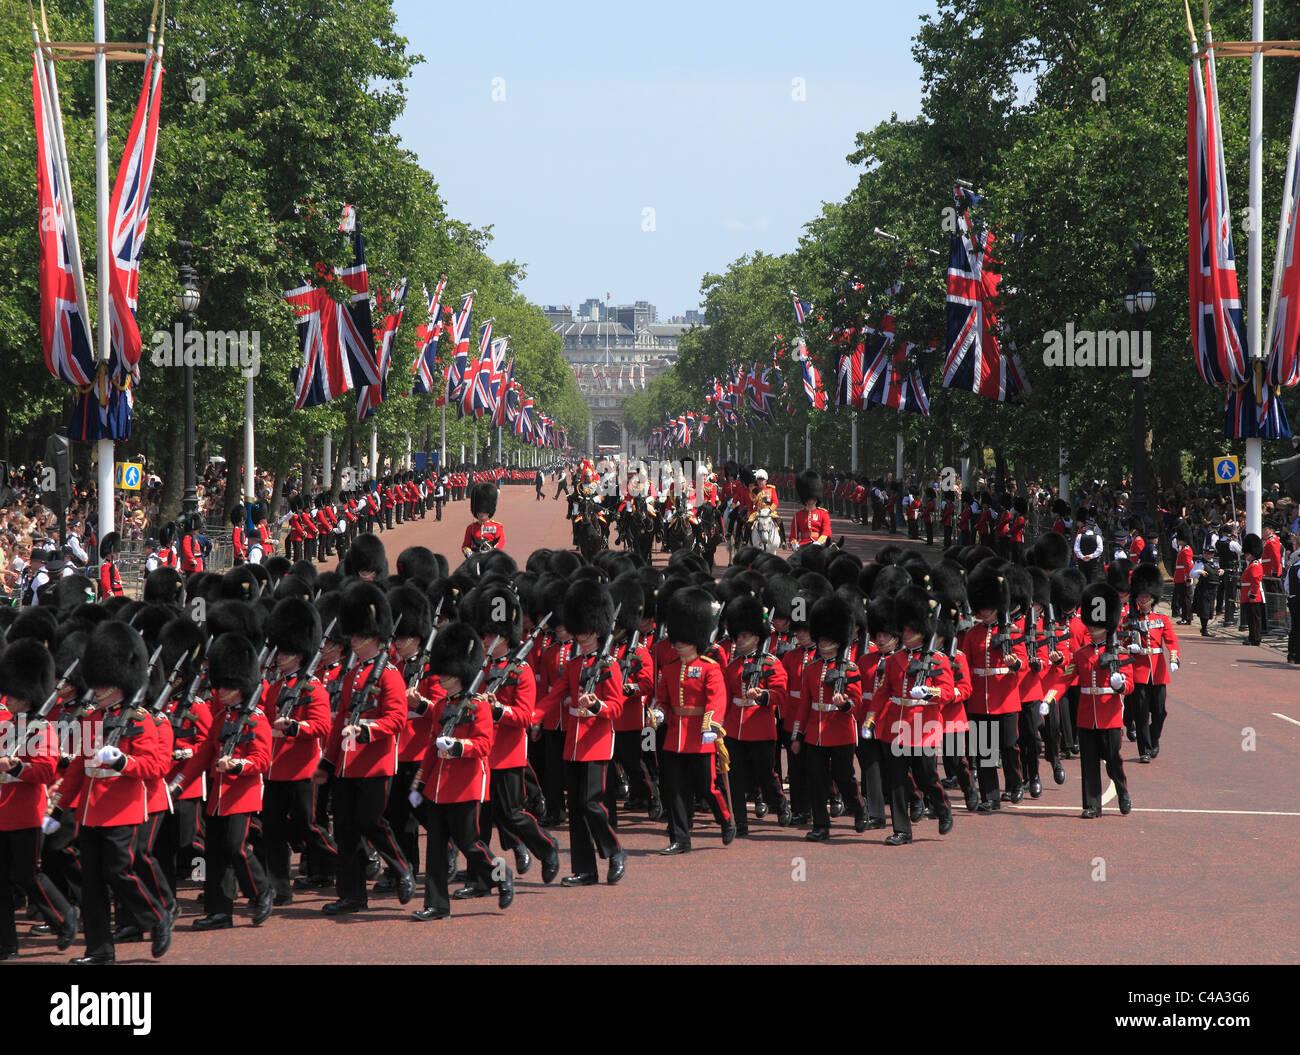 Prozession in The Mall an Trooping die Farbe Zeremonie mit Grenadier guards im Vordergrund. Stockbild